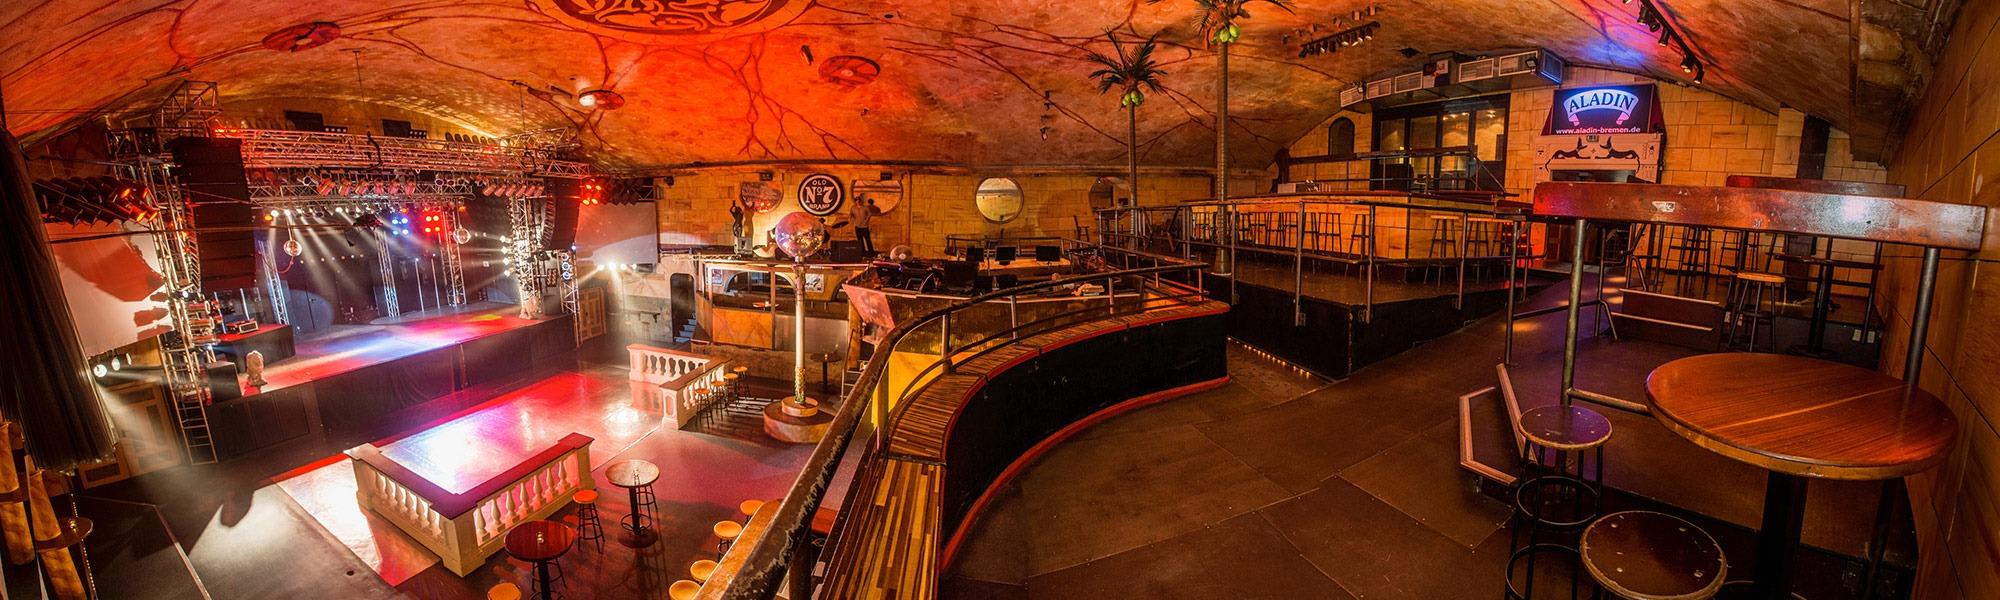 Aladin Music-Hall - Partys, Konzerte & Feiern in Bremen